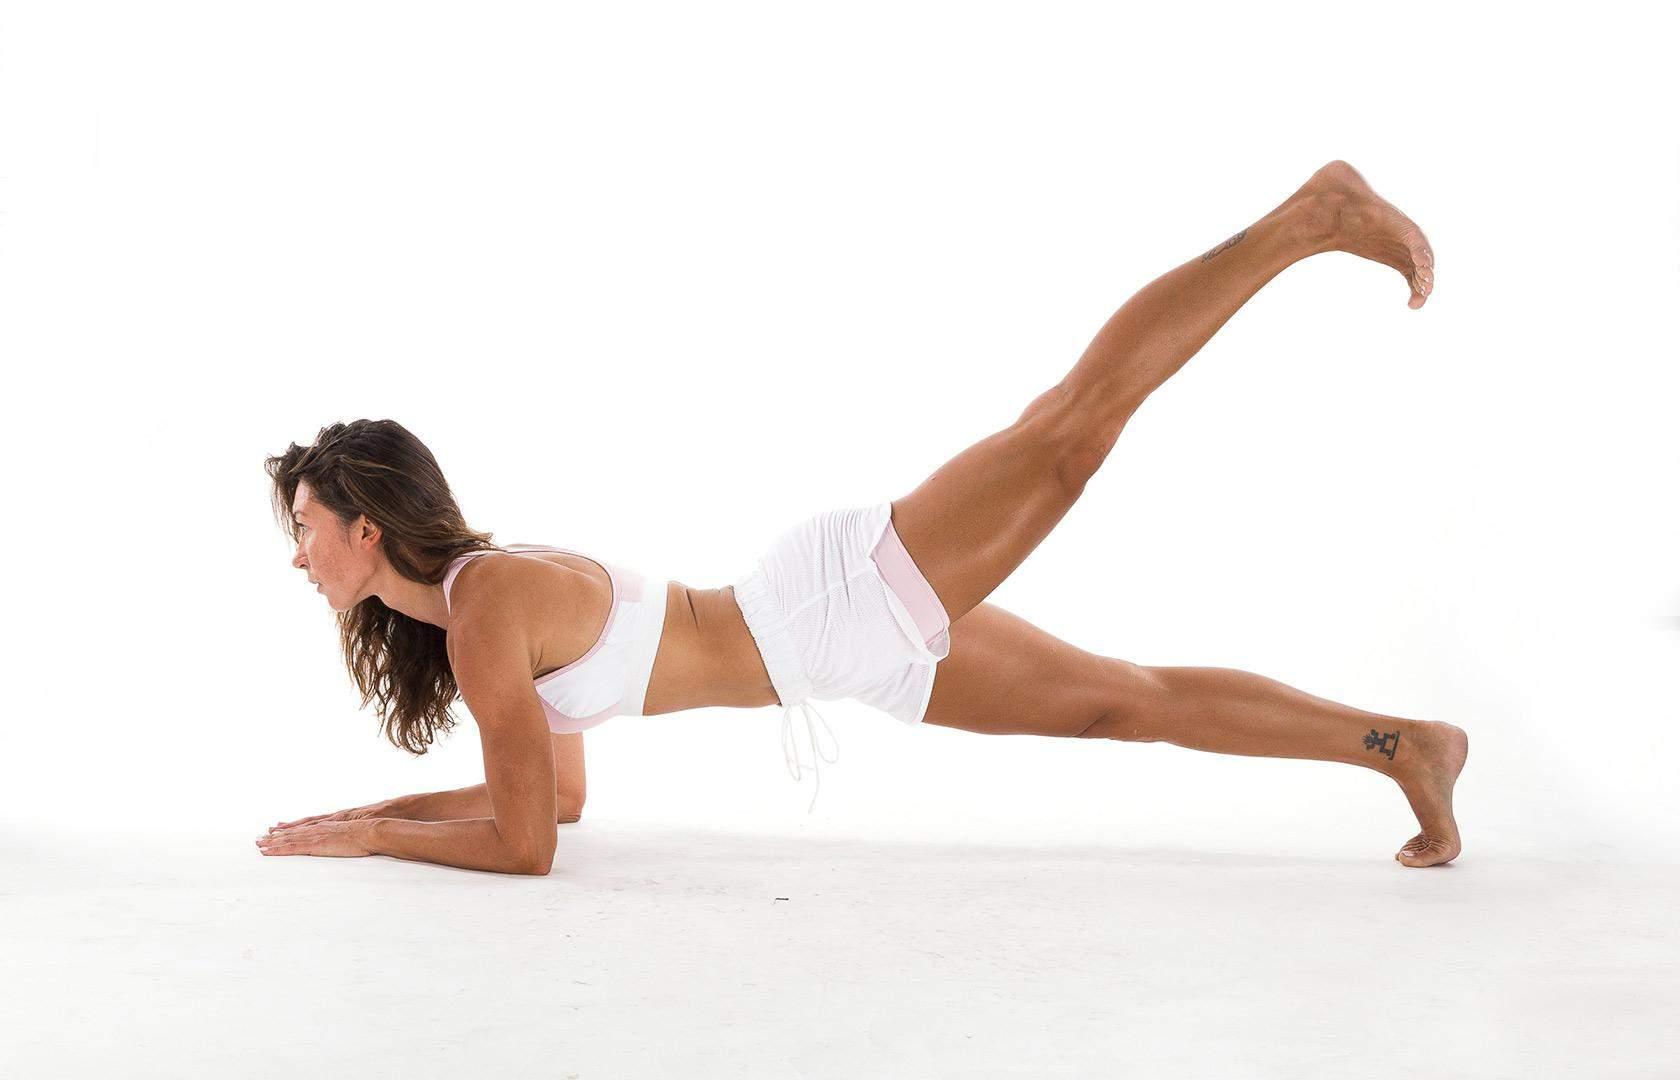 Тренировки помогают в борьбе с целлюлитом